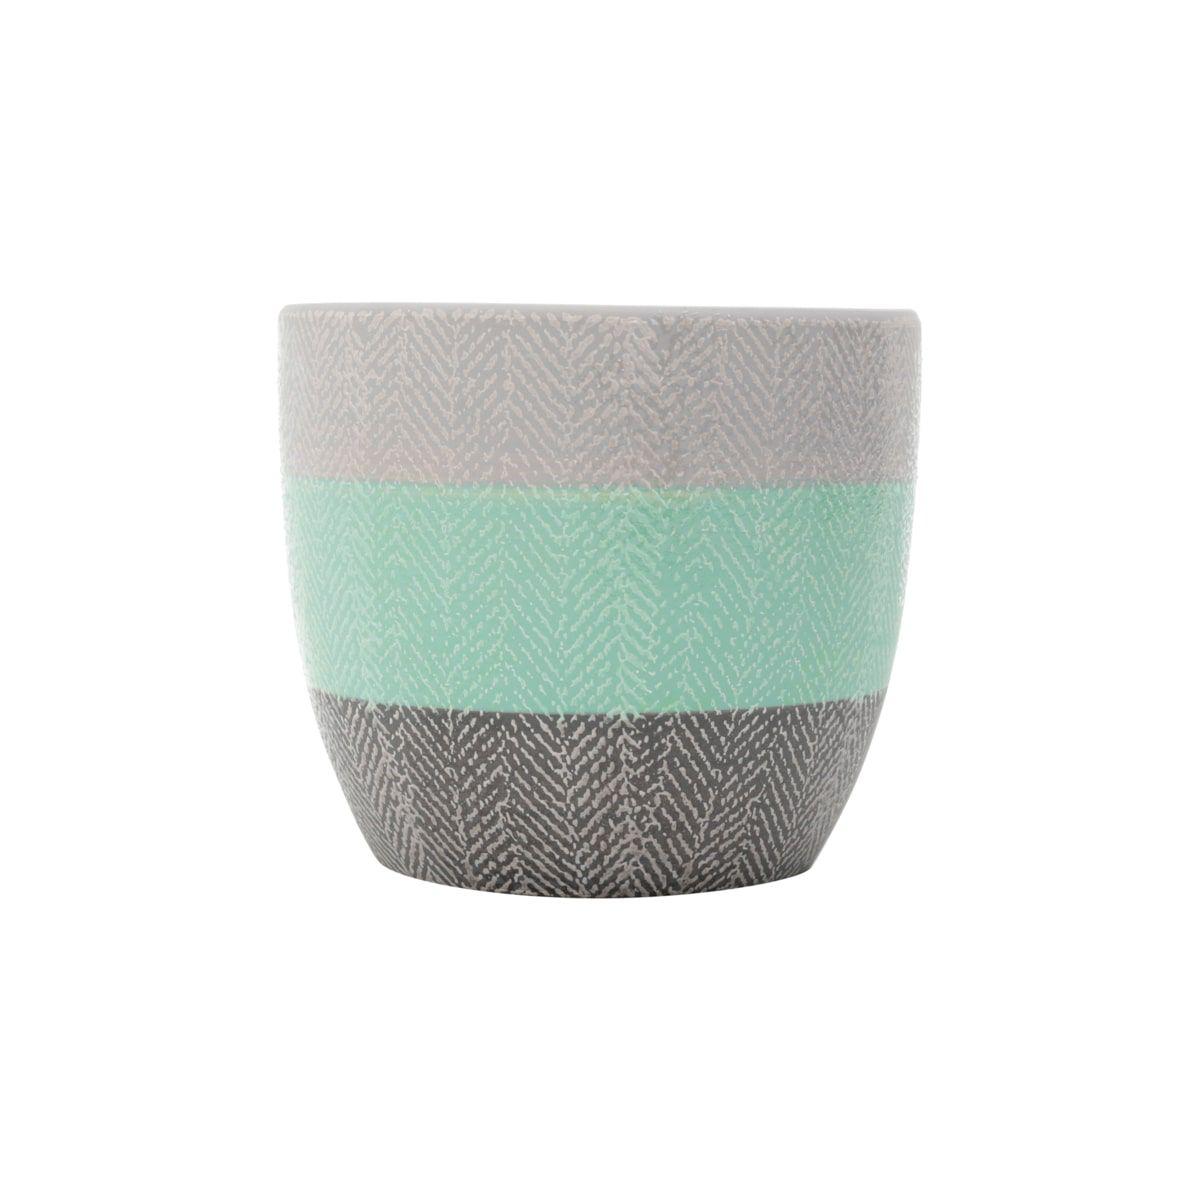 Cachepot Cerâmica Wool Style Cinza/verde/preto 14x14x12cm